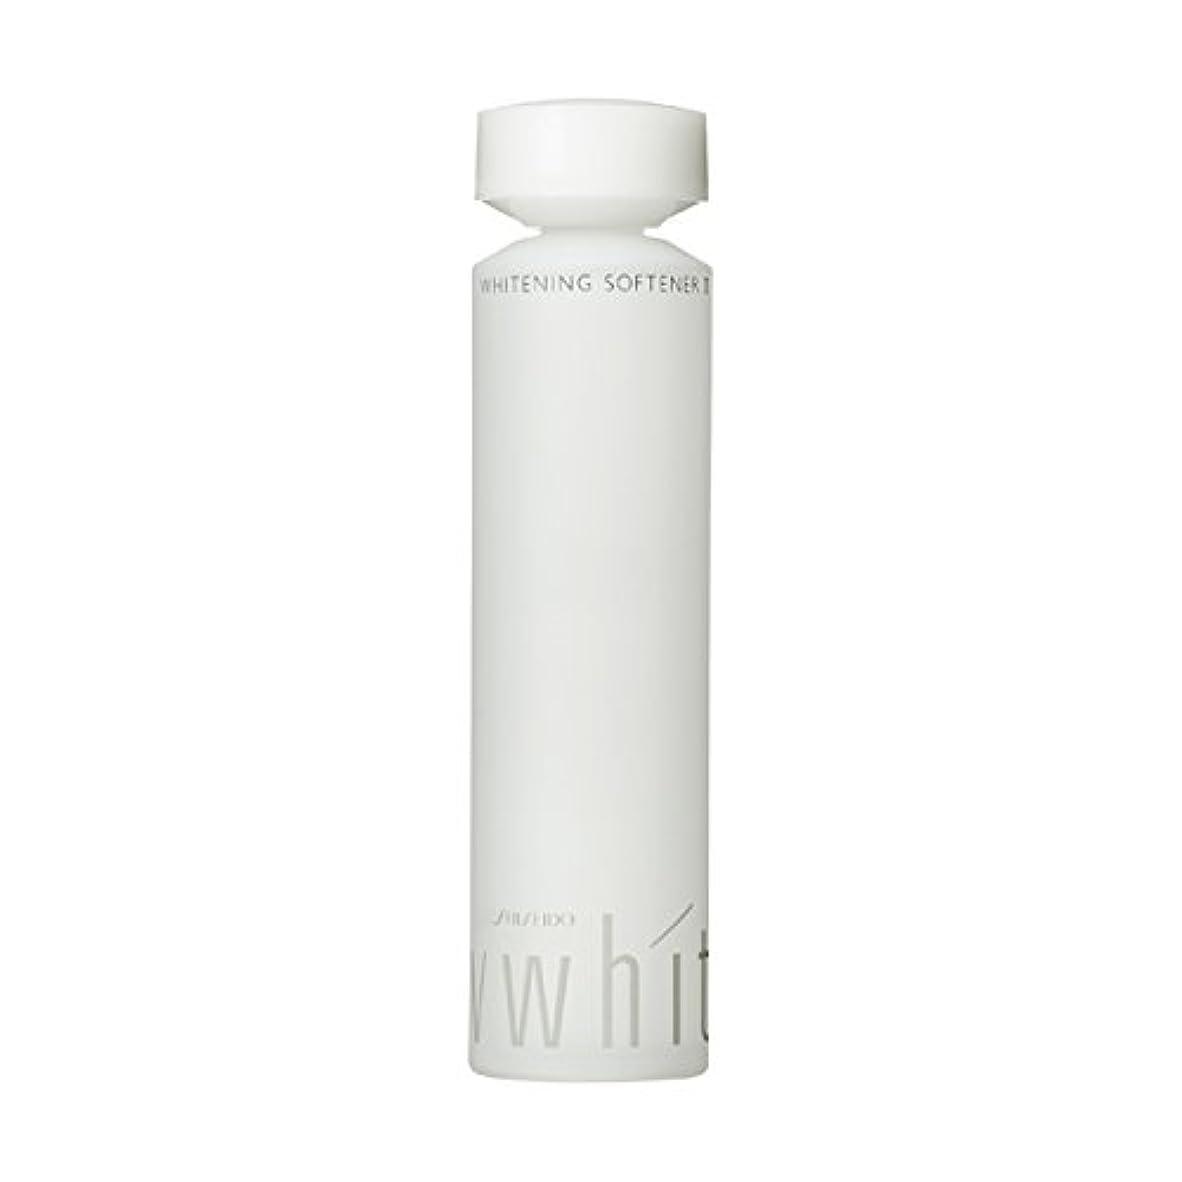 間欠気配りのあるうなるUVホワイト ホワイトニング ソフナー 2 150mL [医薬部外品]